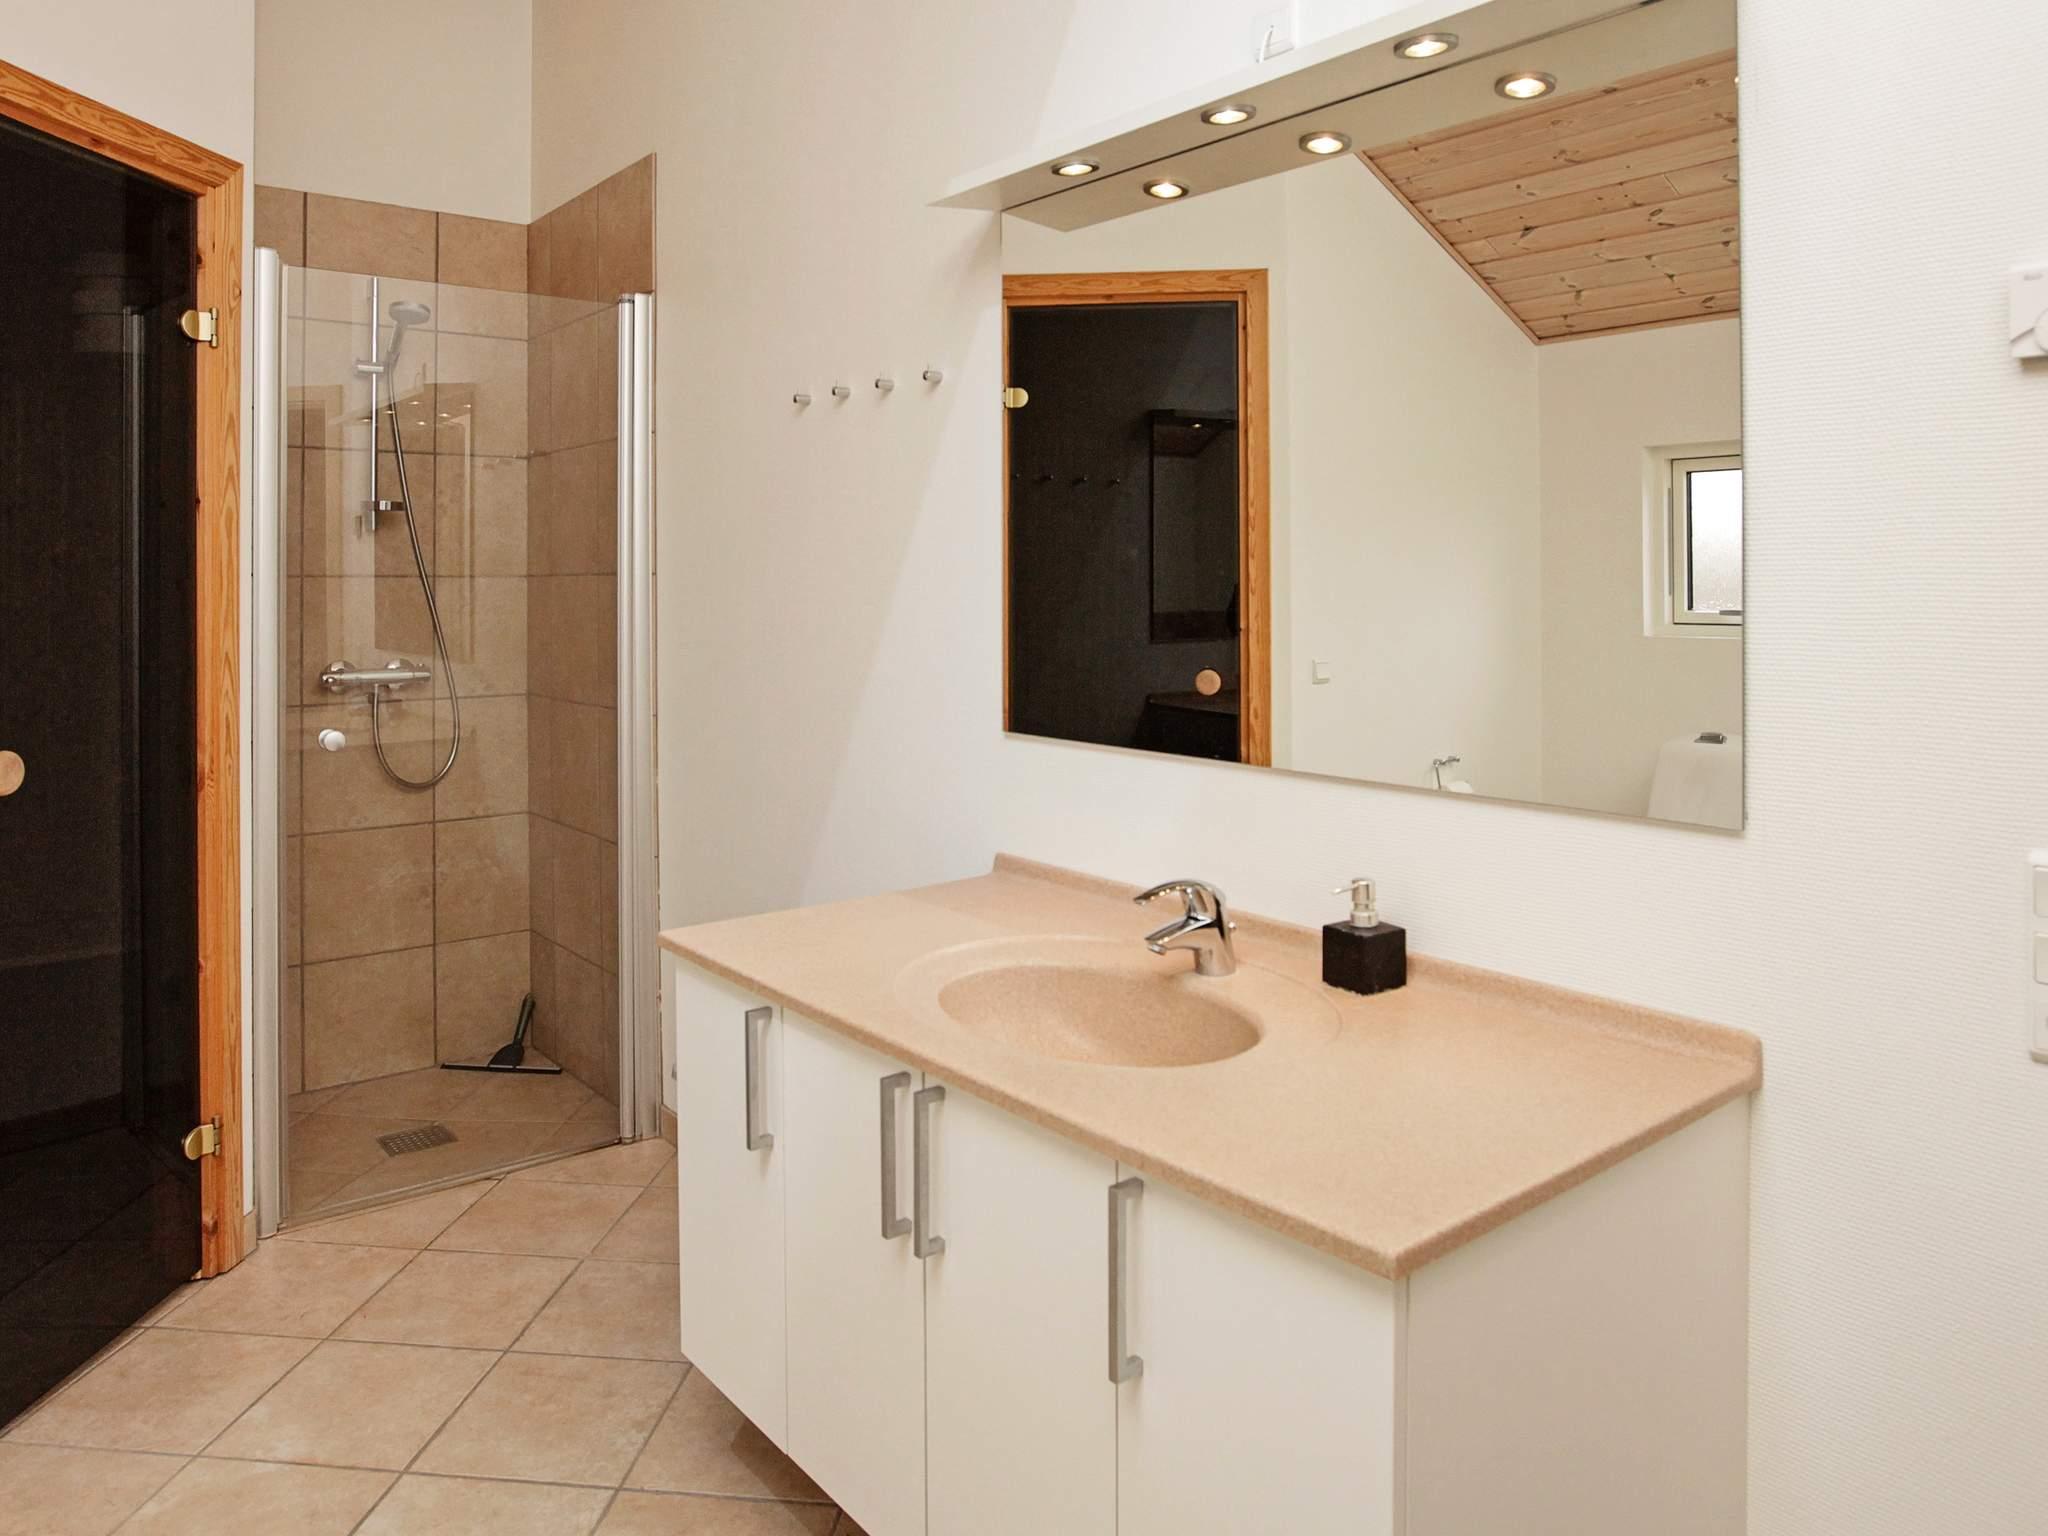 Maison de vacances Horne (674622), Horne, , Fionie, Danemark, image 13